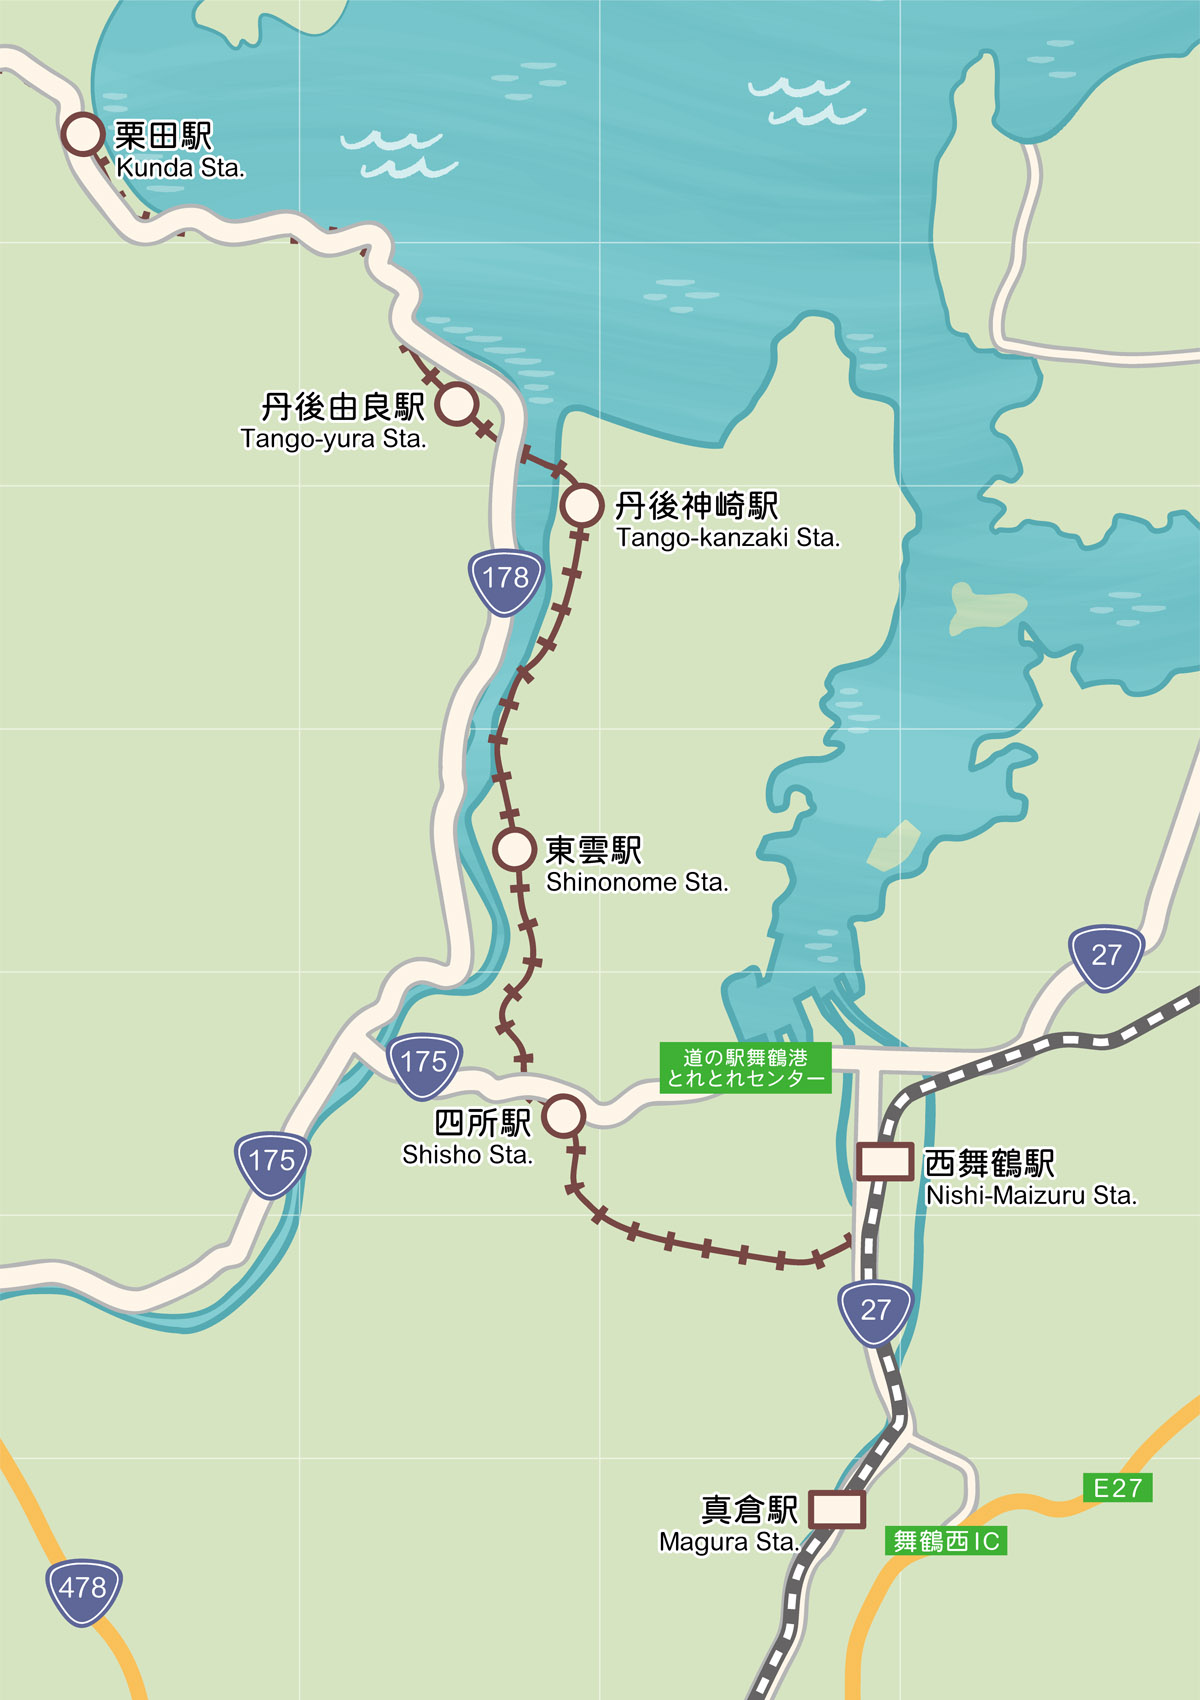 Renseignements De Sightseeing Selon La Region Jugeant Selon La Region De Nishi Maizuru Carte Le Kyoto Par La Mer Sightseeing Zone